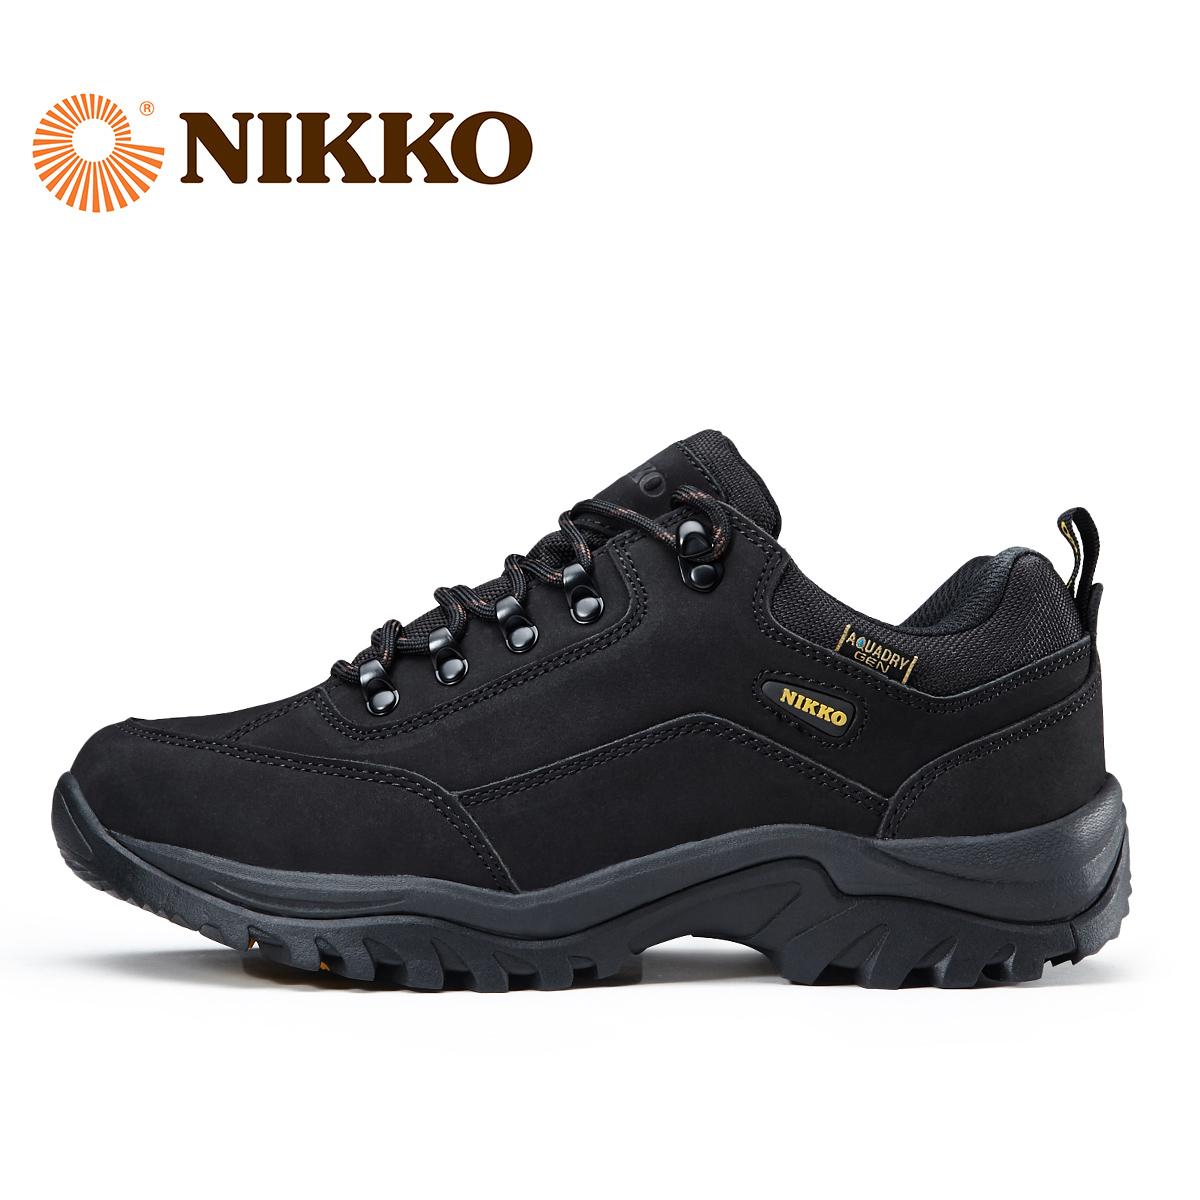 登山鞋黑色